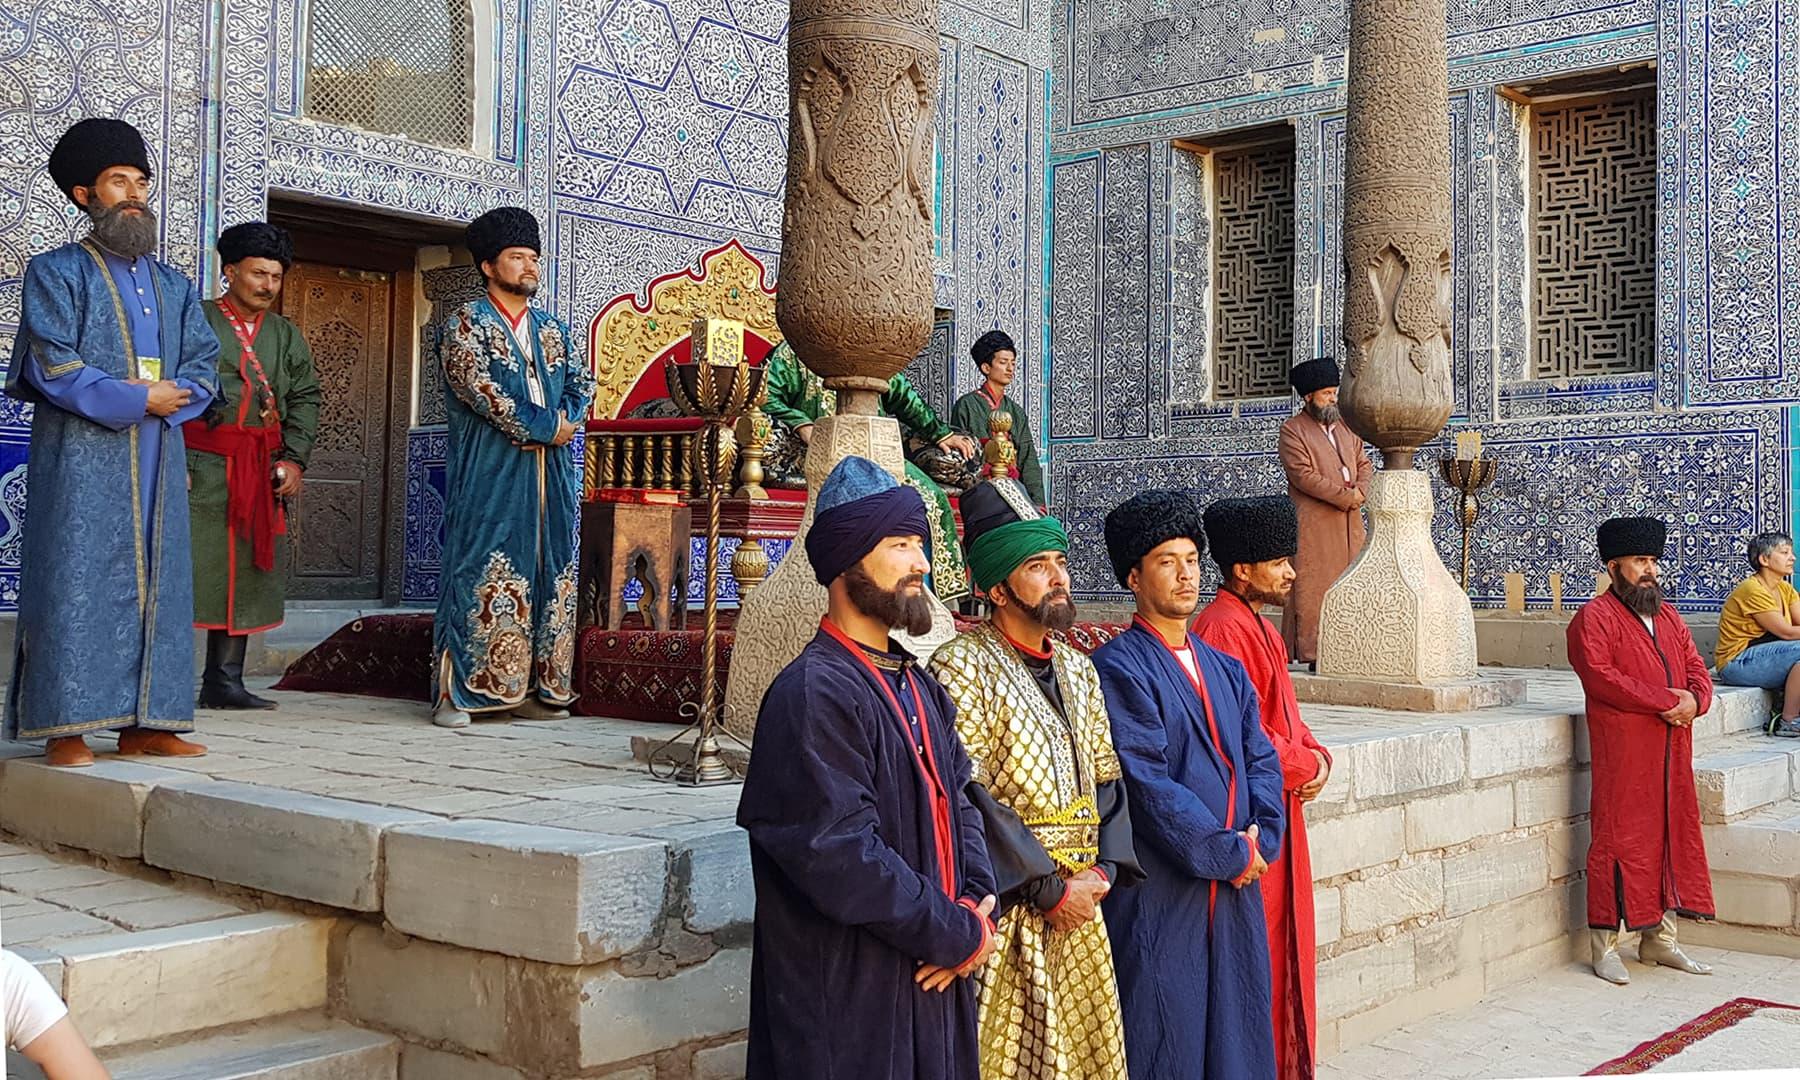 اسٹیج پلے کے ذریعے شاہی دور اور اس دور کی دربار کی سرگرمیوں کو دکھایا جاتا ہے